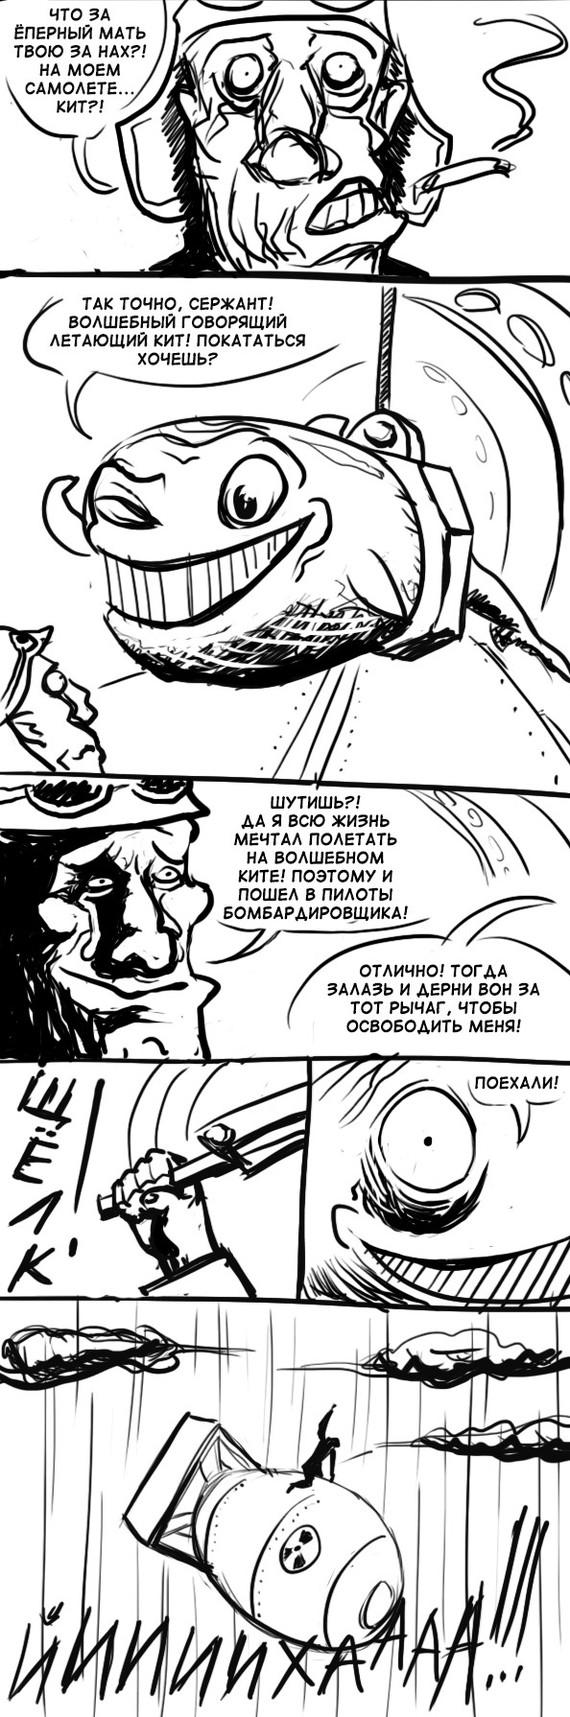 Ропсенштильс и Шизнагсингерзуппе Комиксы, Бомба, Летчик, Длиннопост